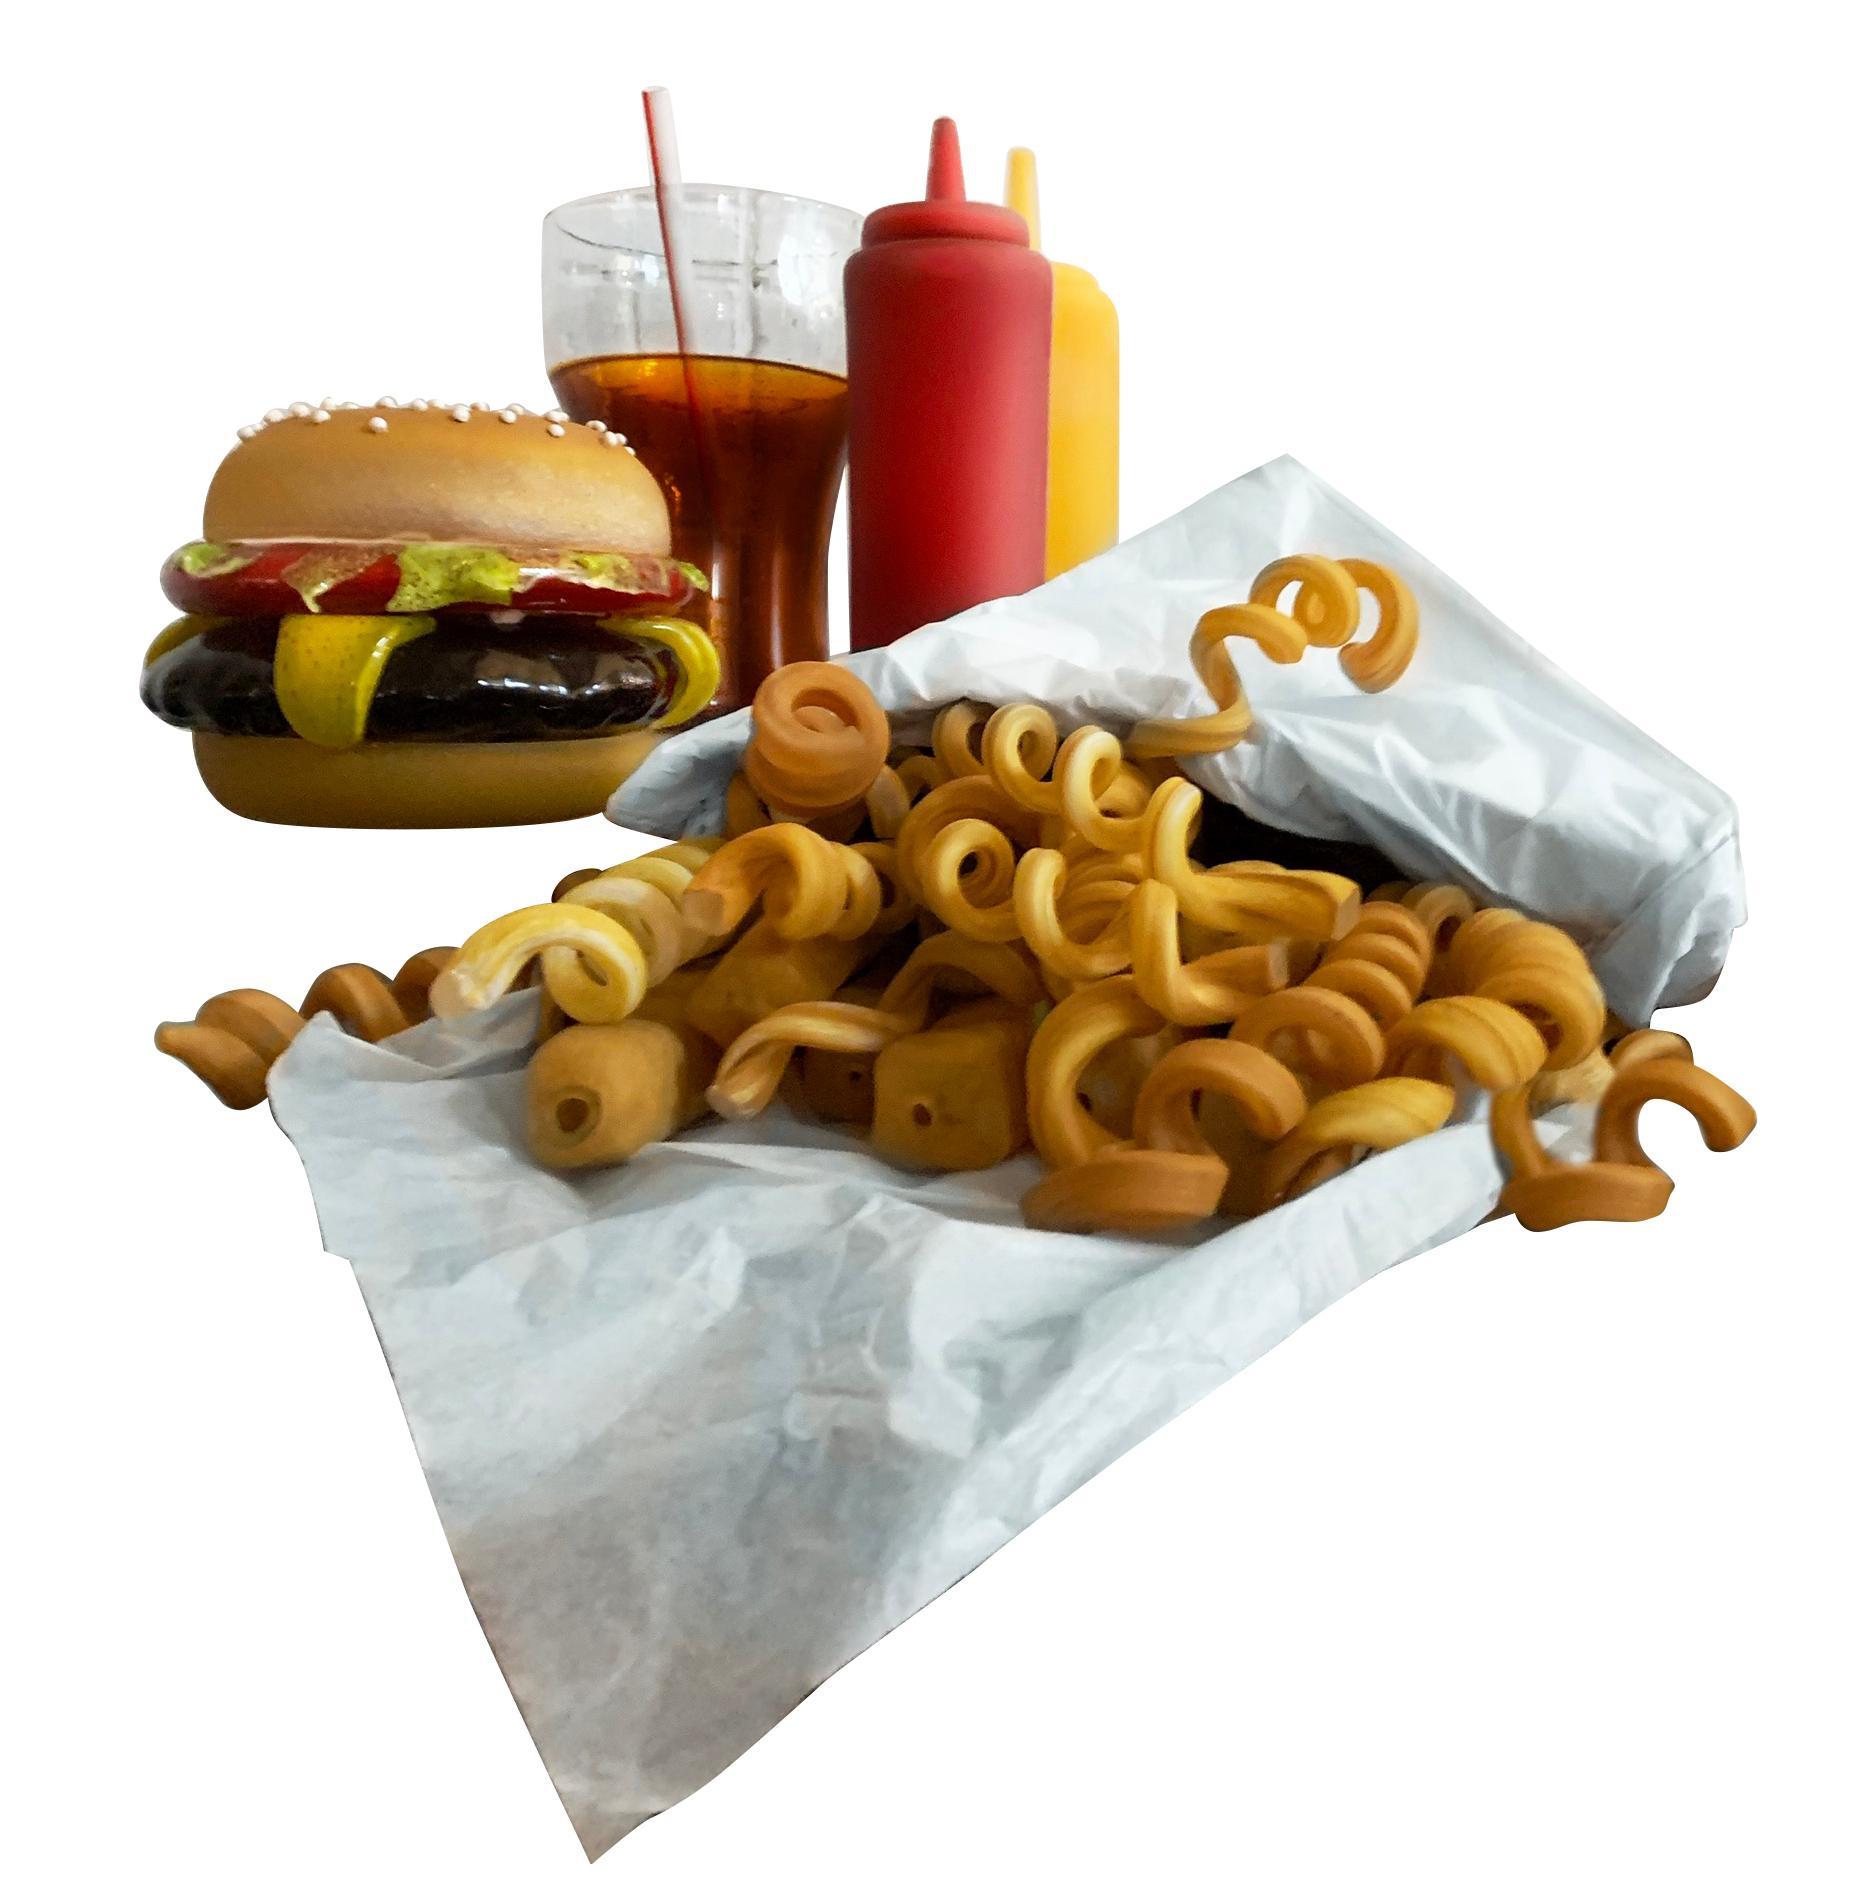 Pop Art Blue Plate Special Burger & Fries Glass Sculpture Set John Miller, 2008